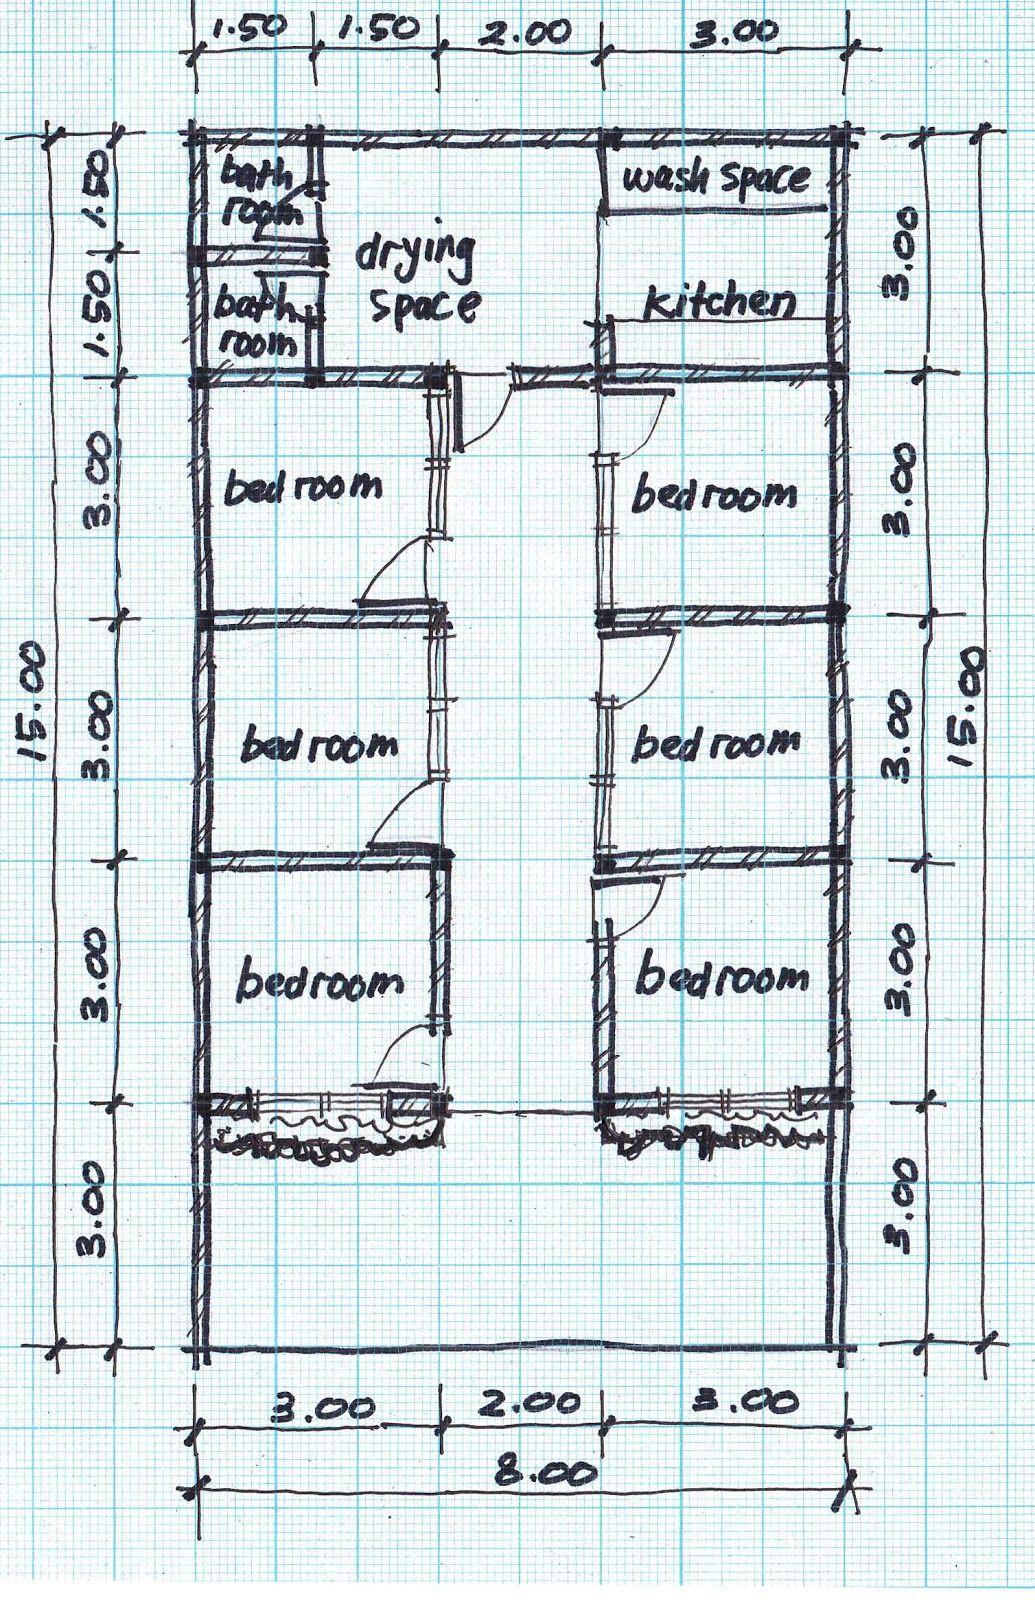 Room Floor Plan Designer Free: Design For Small Boarding House